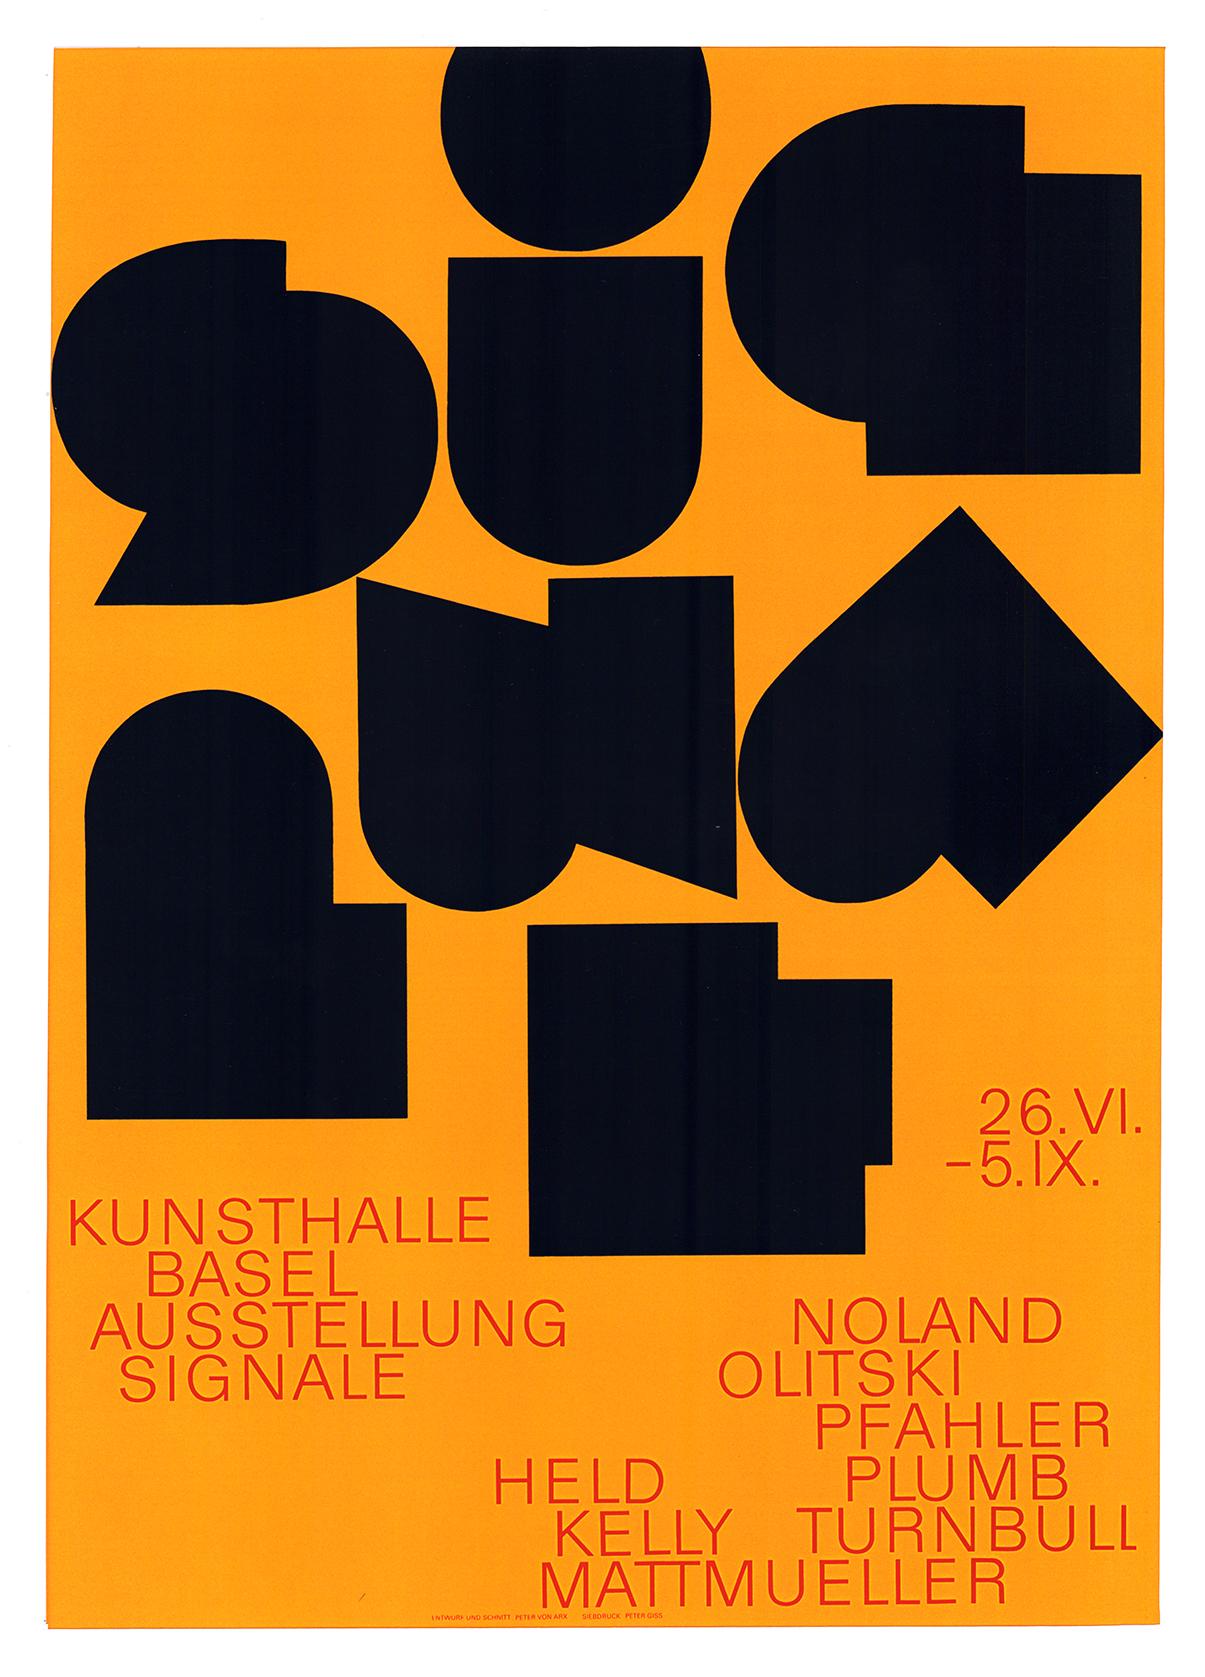 Peter-von-Arx-Schrift-in-Plakat-und-Film-Slanted